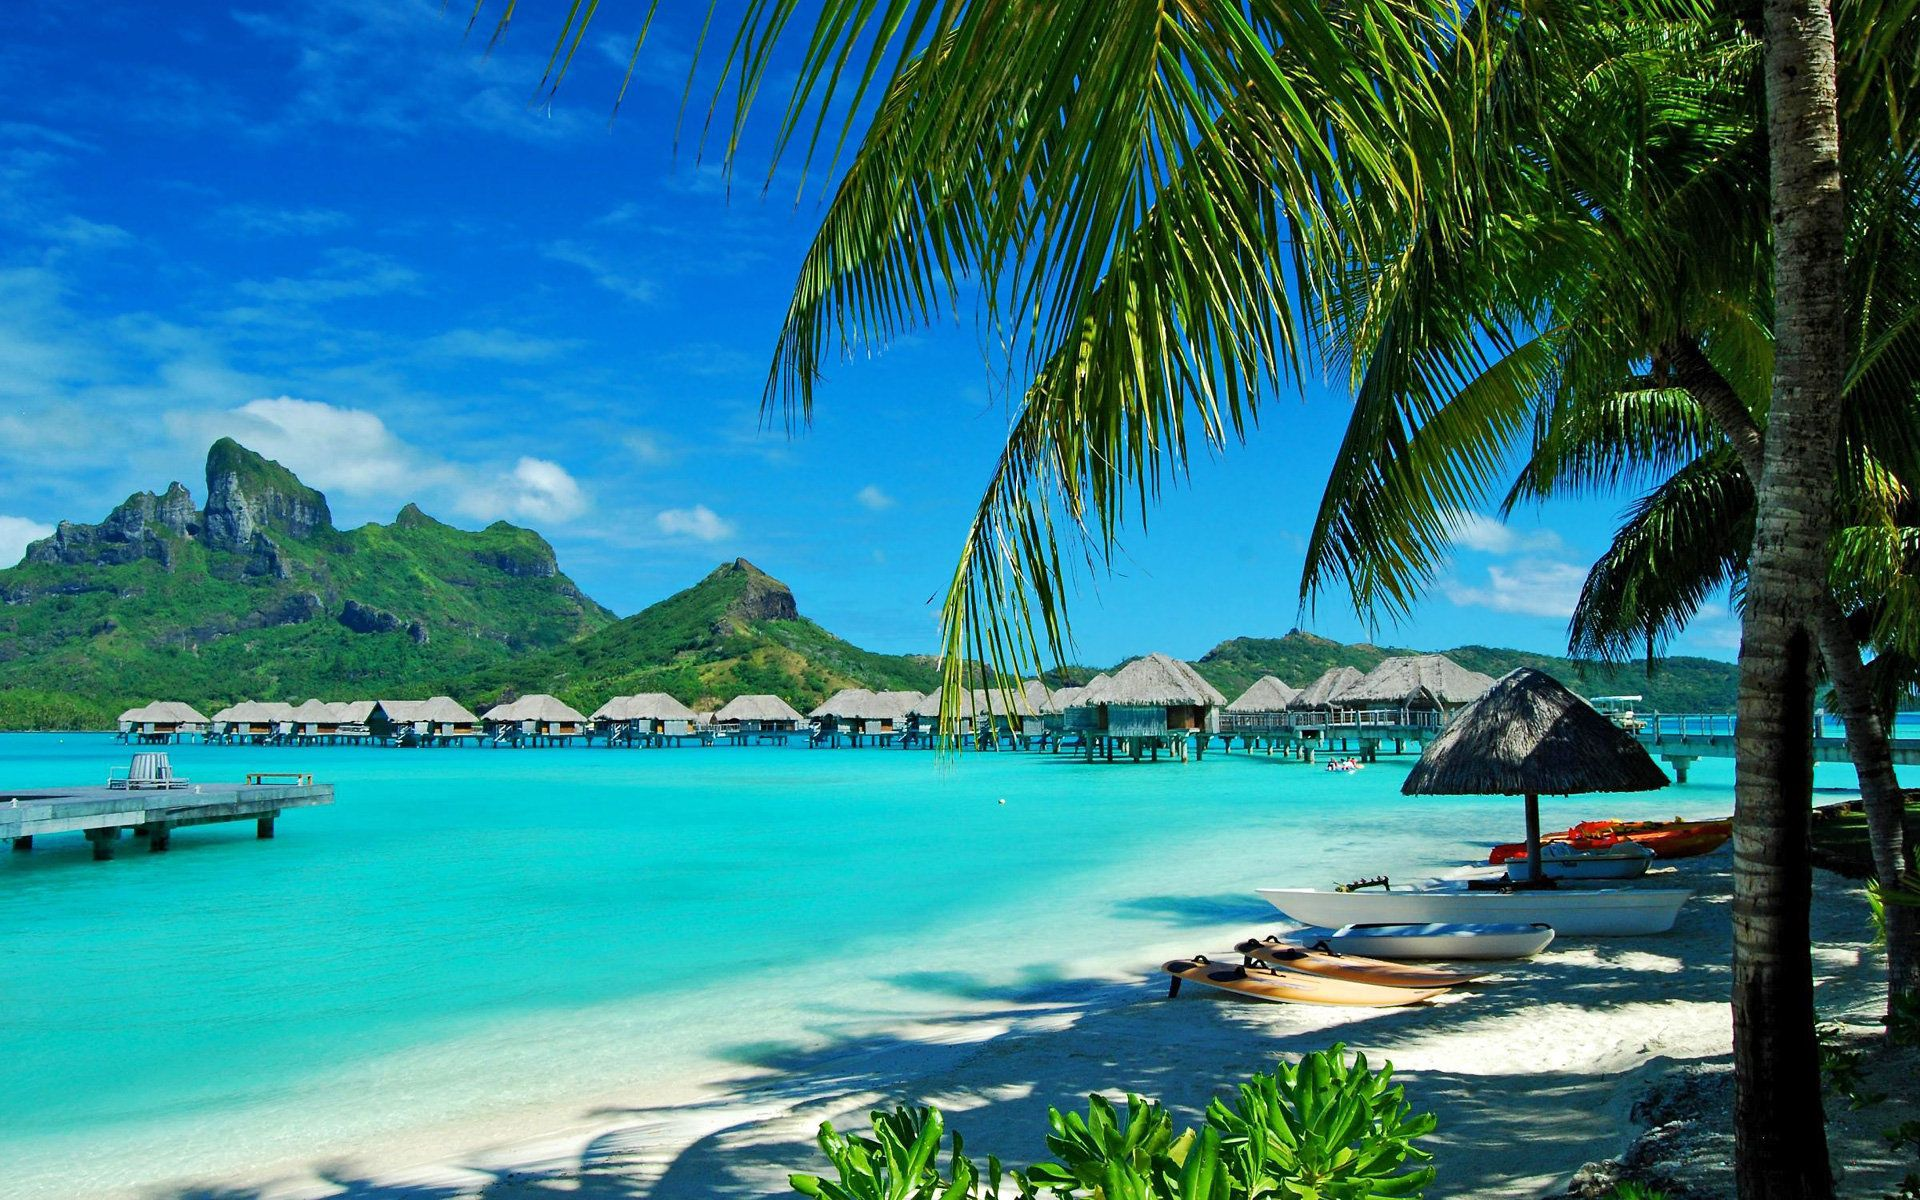 136987 скачать обои Пальмы, Берег, Природа, Отдых, Лагуна, Гавайи, Курорт, Голубая Вода - заставки и картинки бесплатно